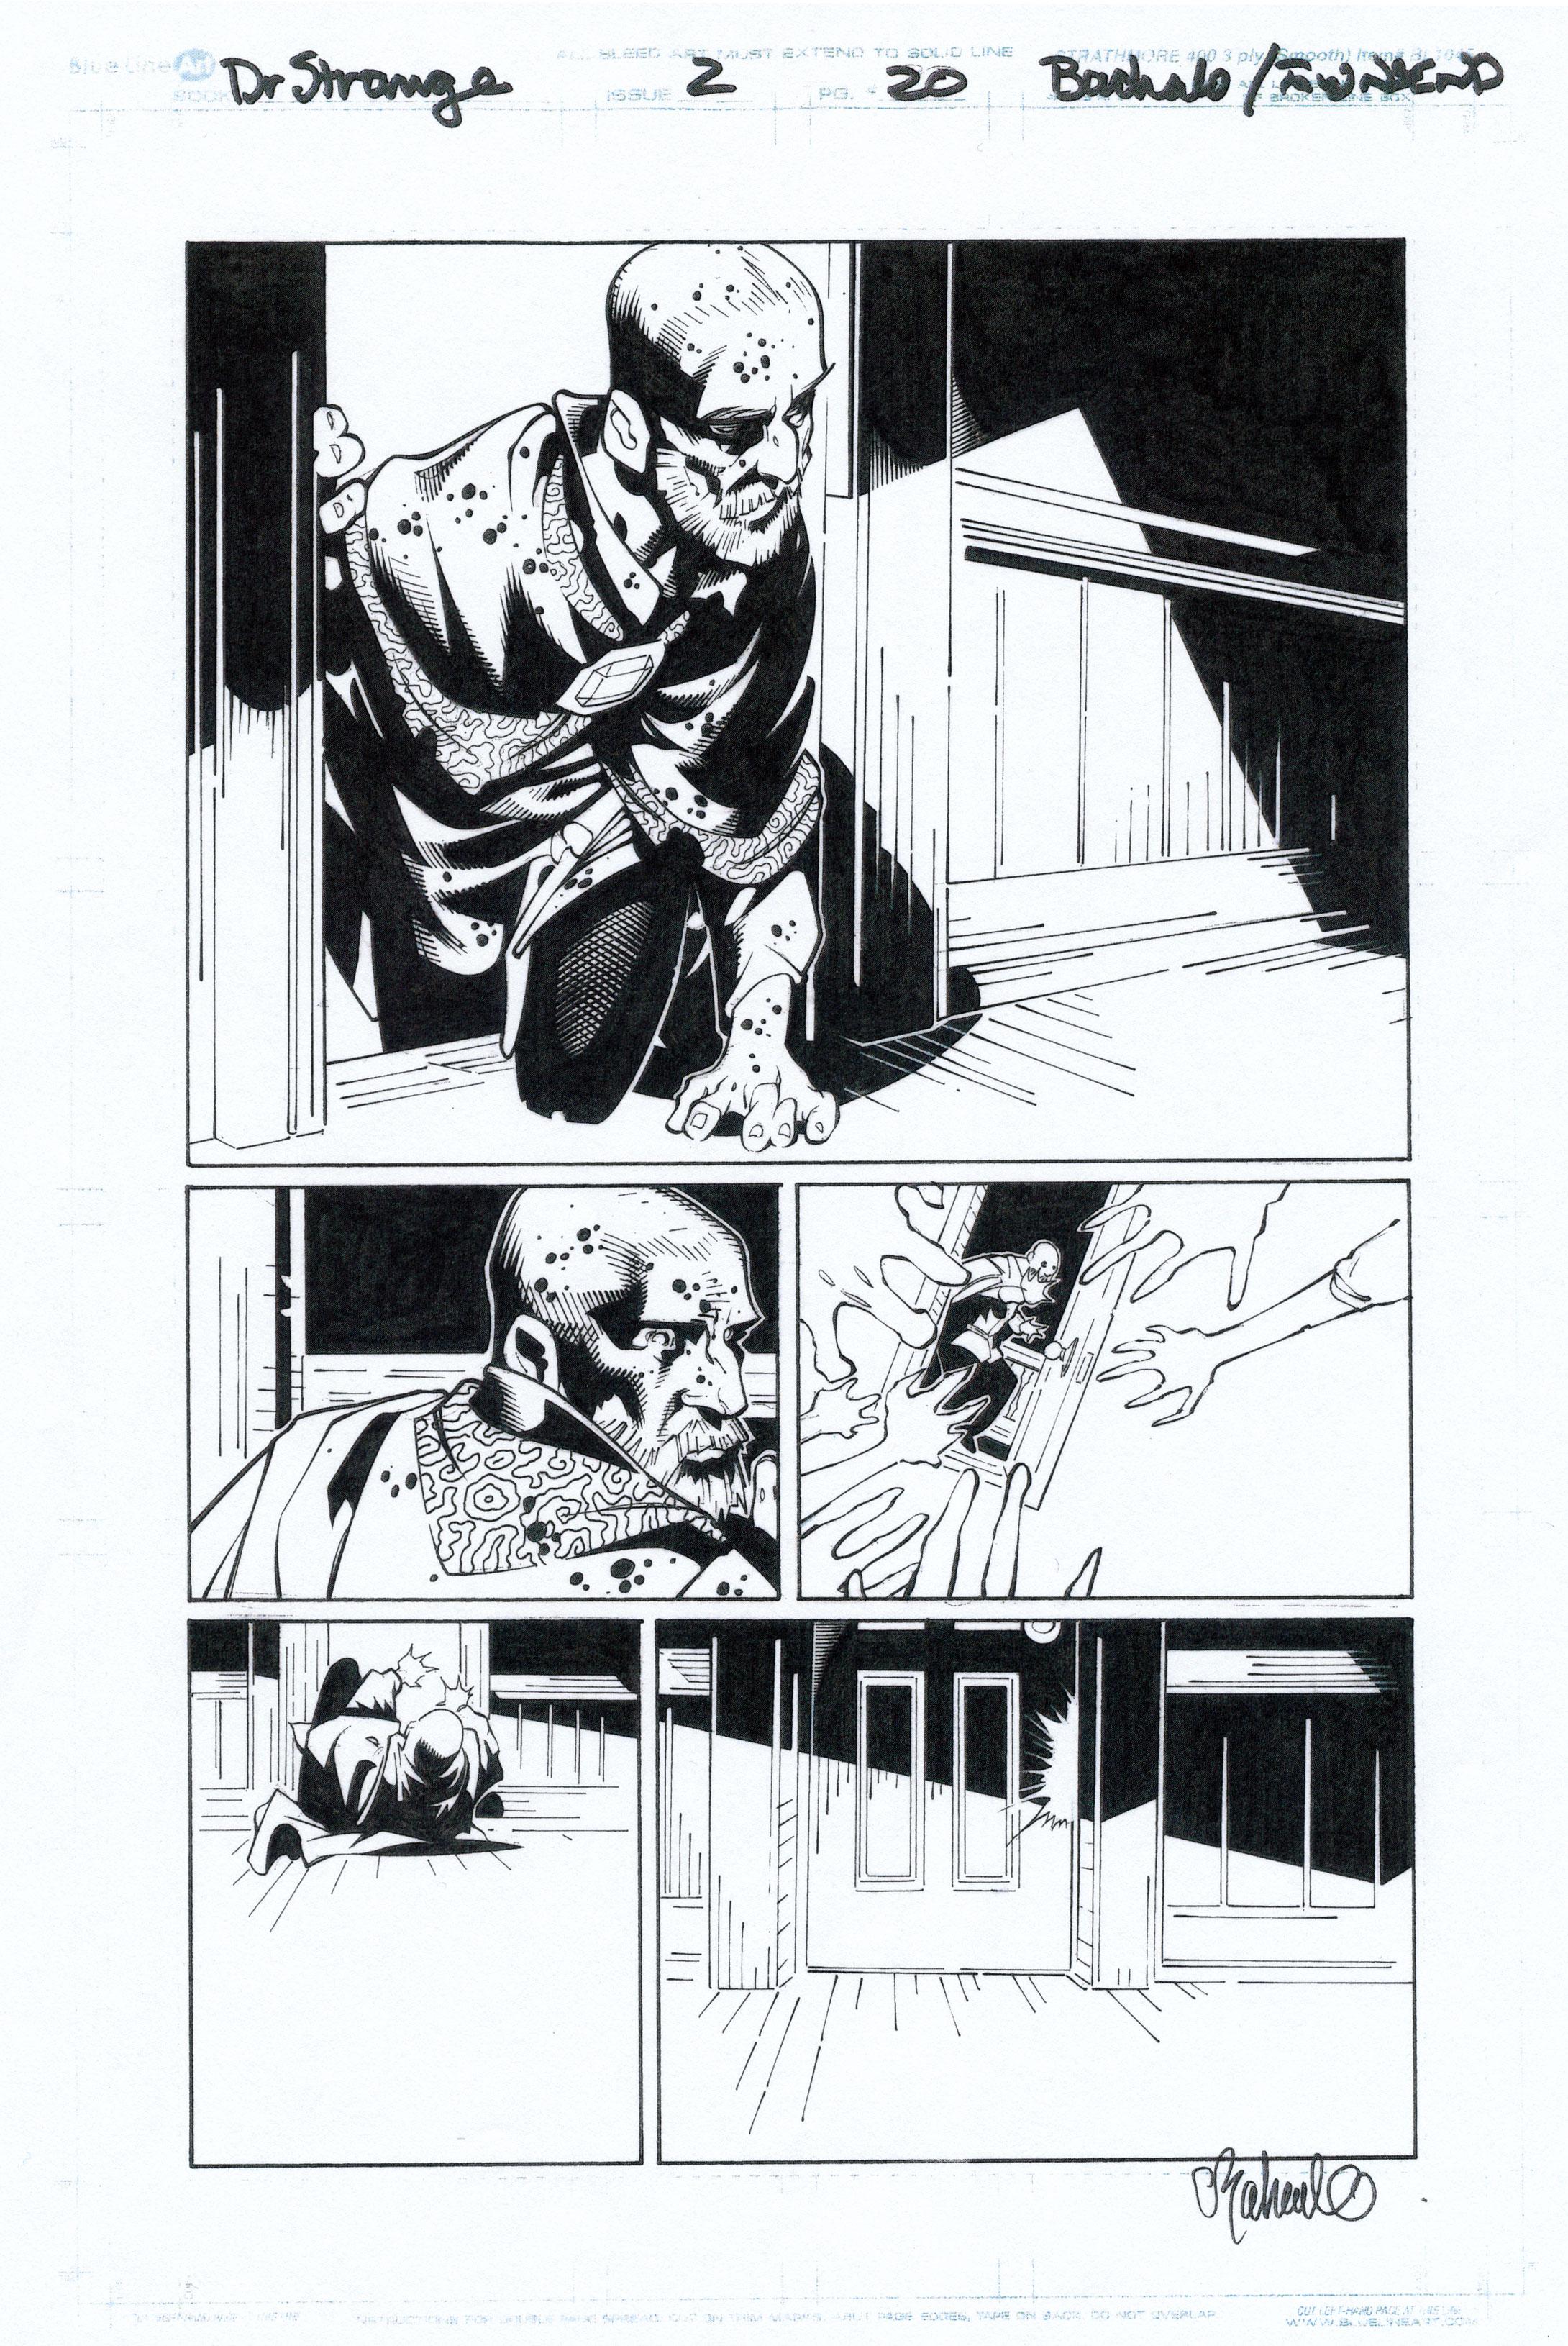 CHRIS BACHALO 2015 DR. STRANGE #2 P.19 + 20 Comic Art